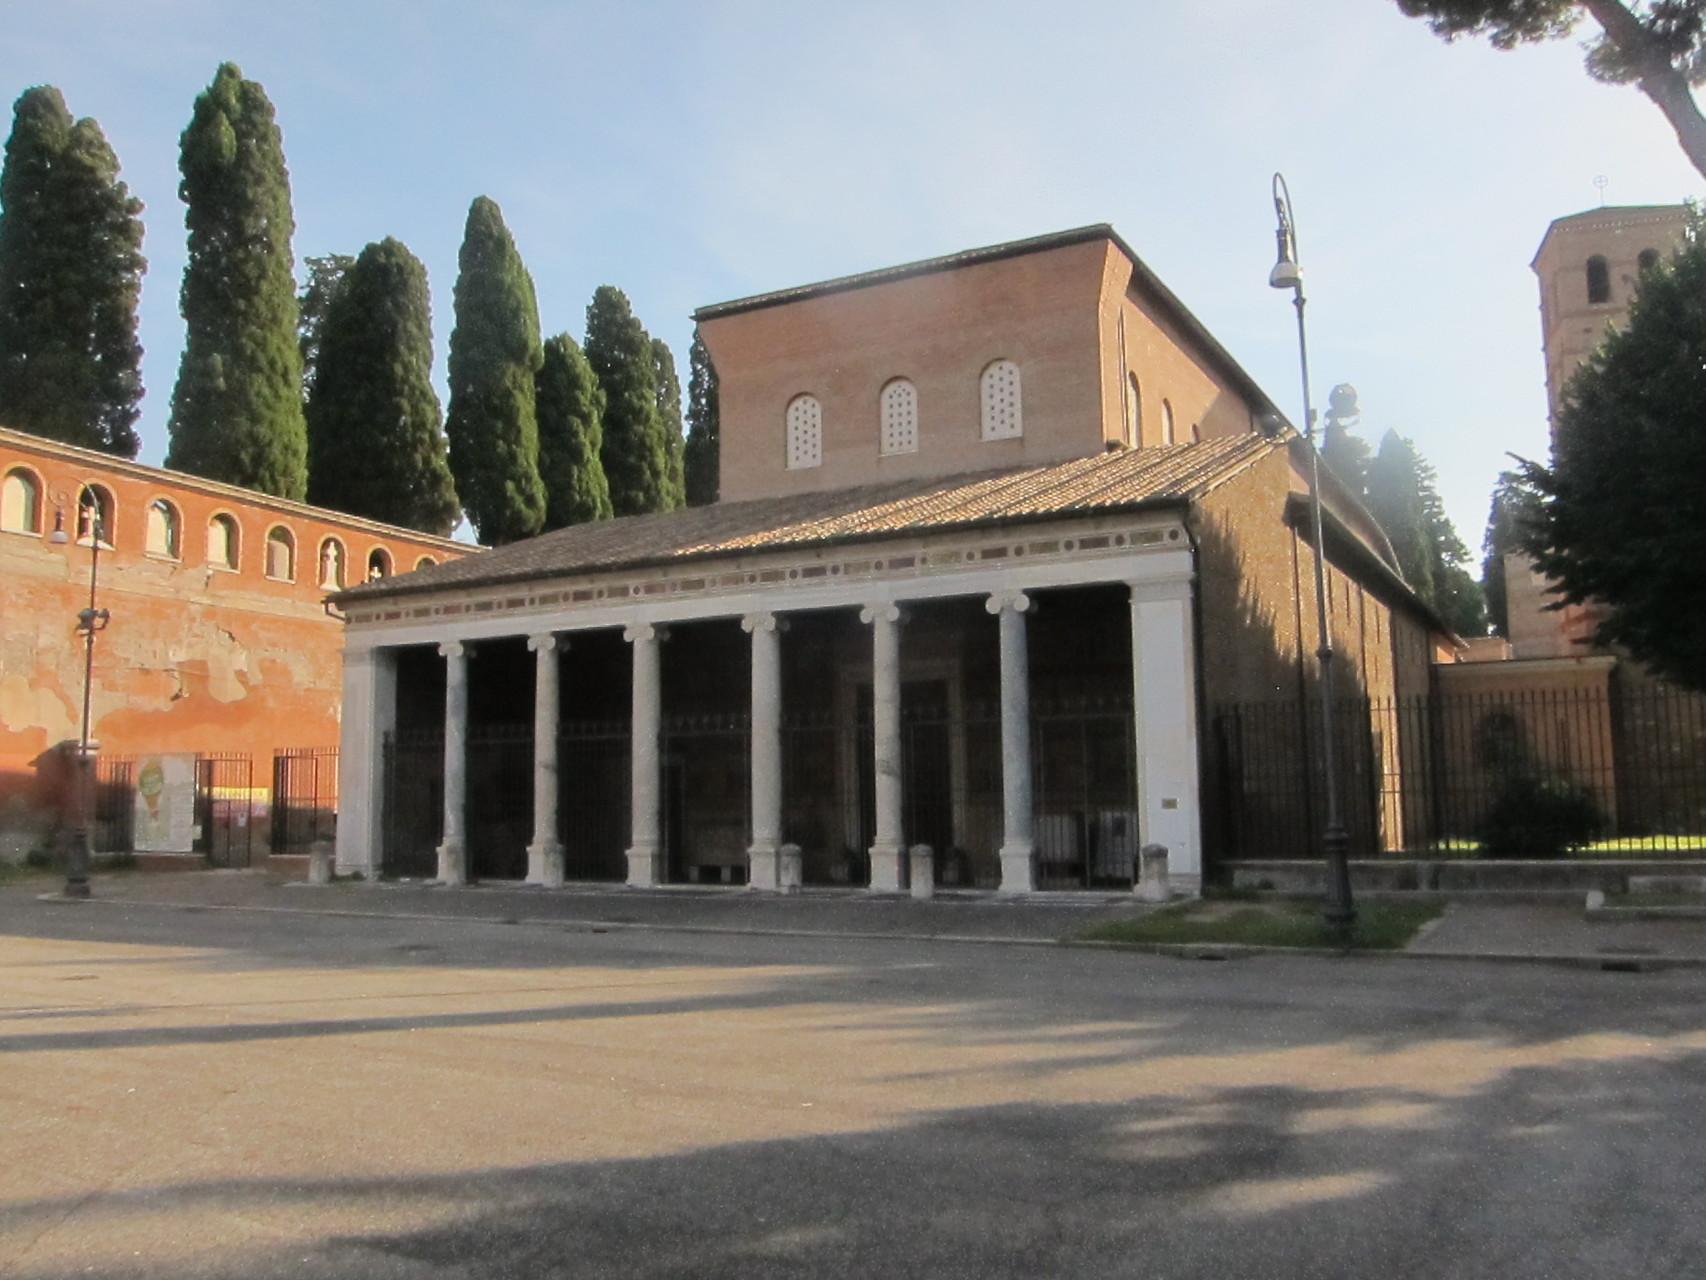 こちらはサンロレンツオフォーリレムーア大聖堂です